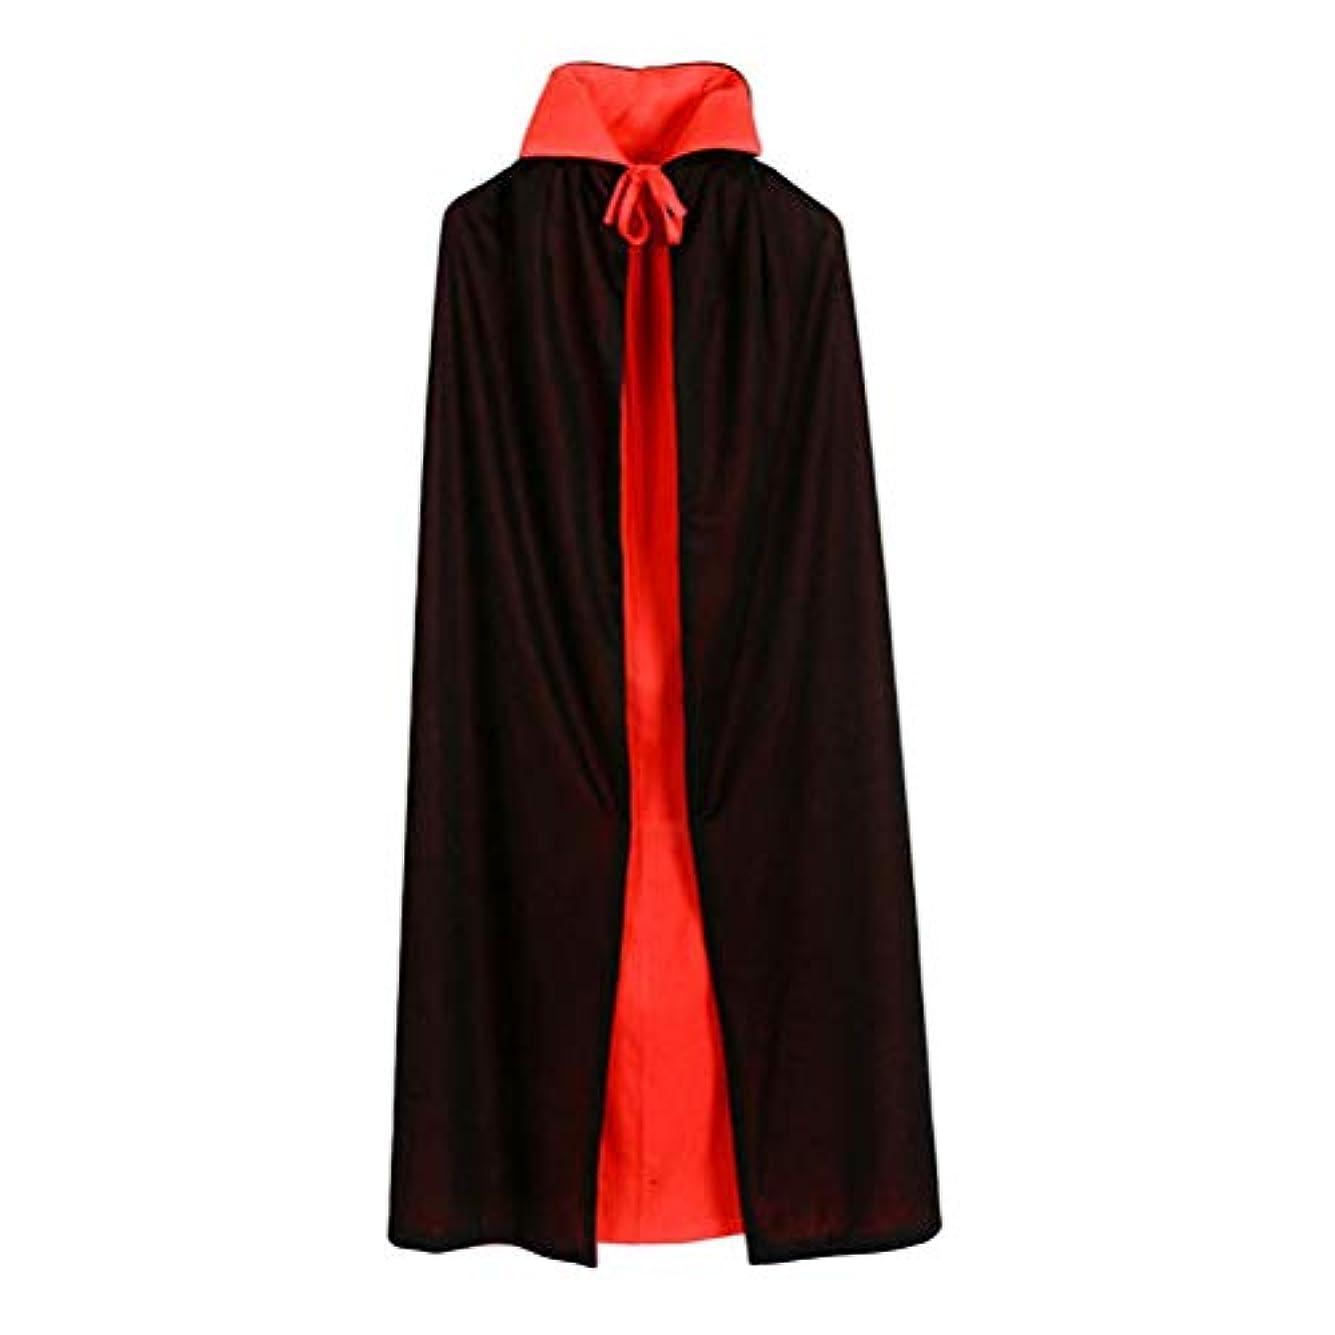 中間答えぜいたくToyvian ヴァンパイアマント二重層黒と赤のフード付きマントヴァンパイアコスチュームコスプレケープは男の子と女の子のためにドレスアップ(90cmストレートカラーダブルマント)